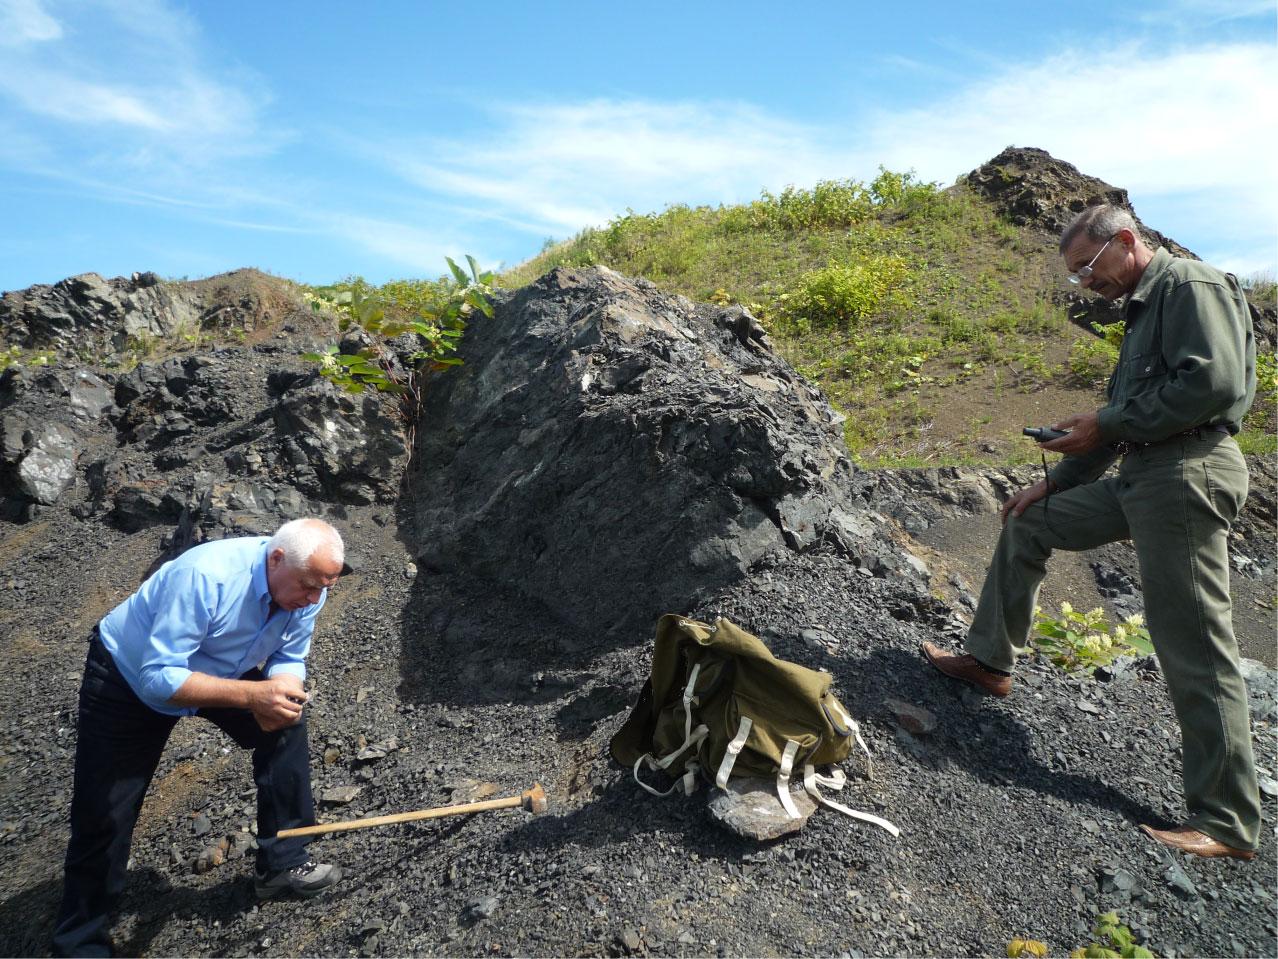 Геохимические исследования углей (изучение редких элементов в углях)